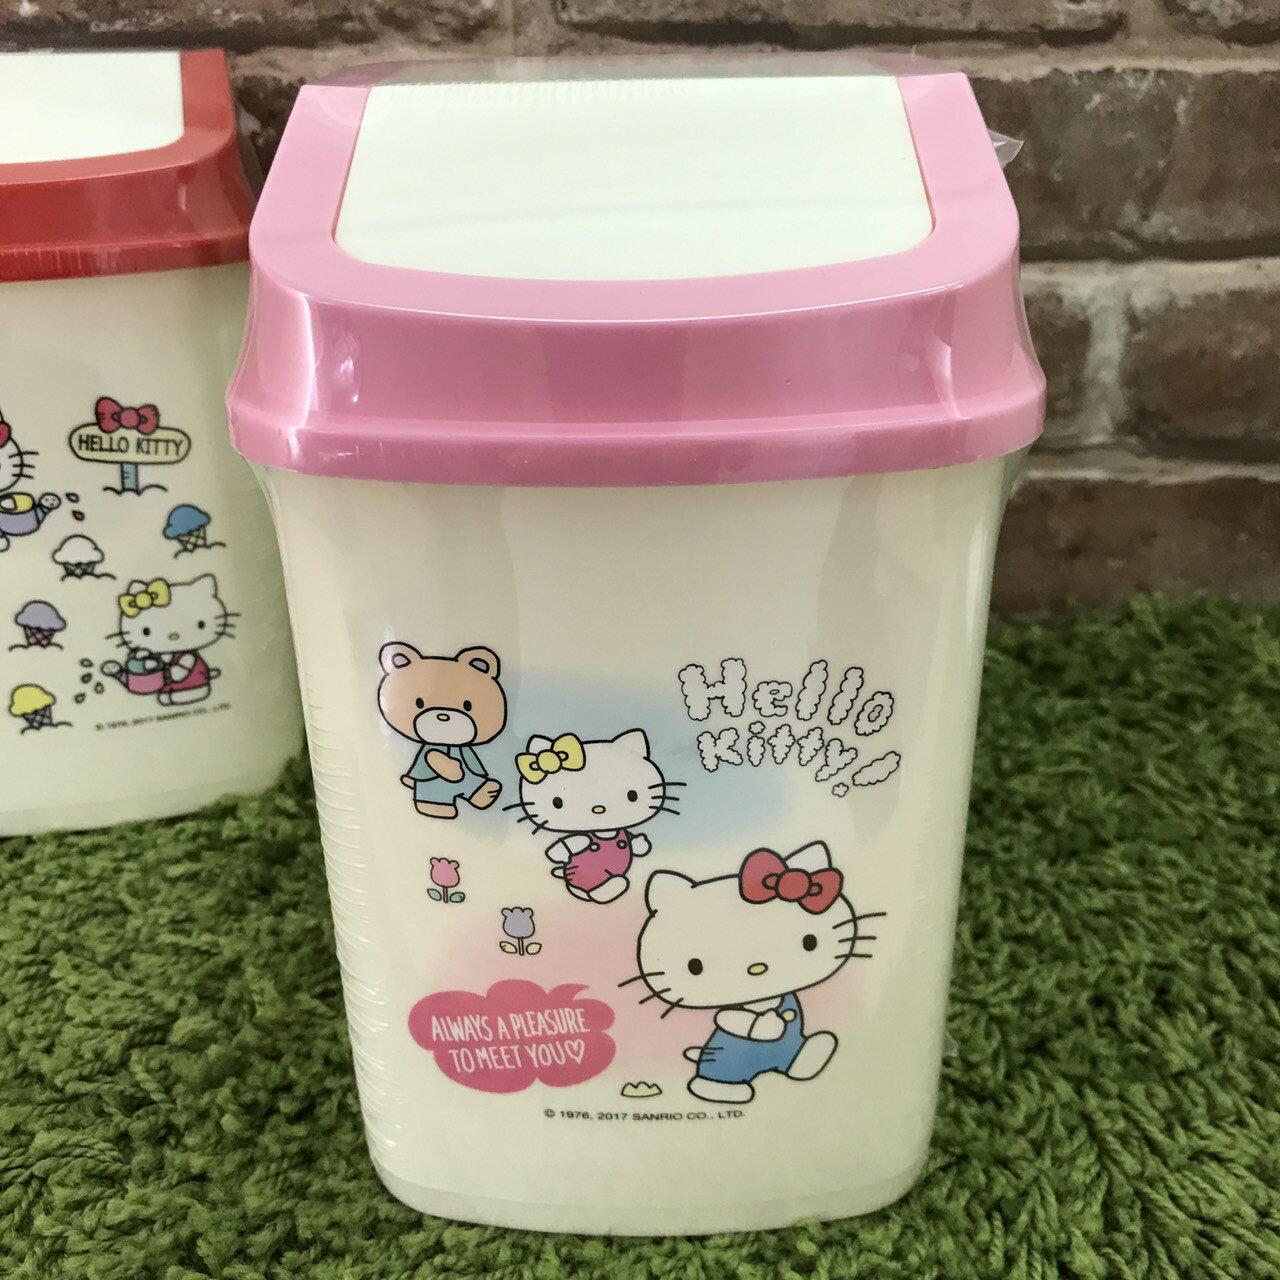 【真愛日本】17110600028 迷你旋轉蓋方型垃圾桶-朋友new 三麗鷗 Hello Kitty凱蒂貓 日用品居家收納用品